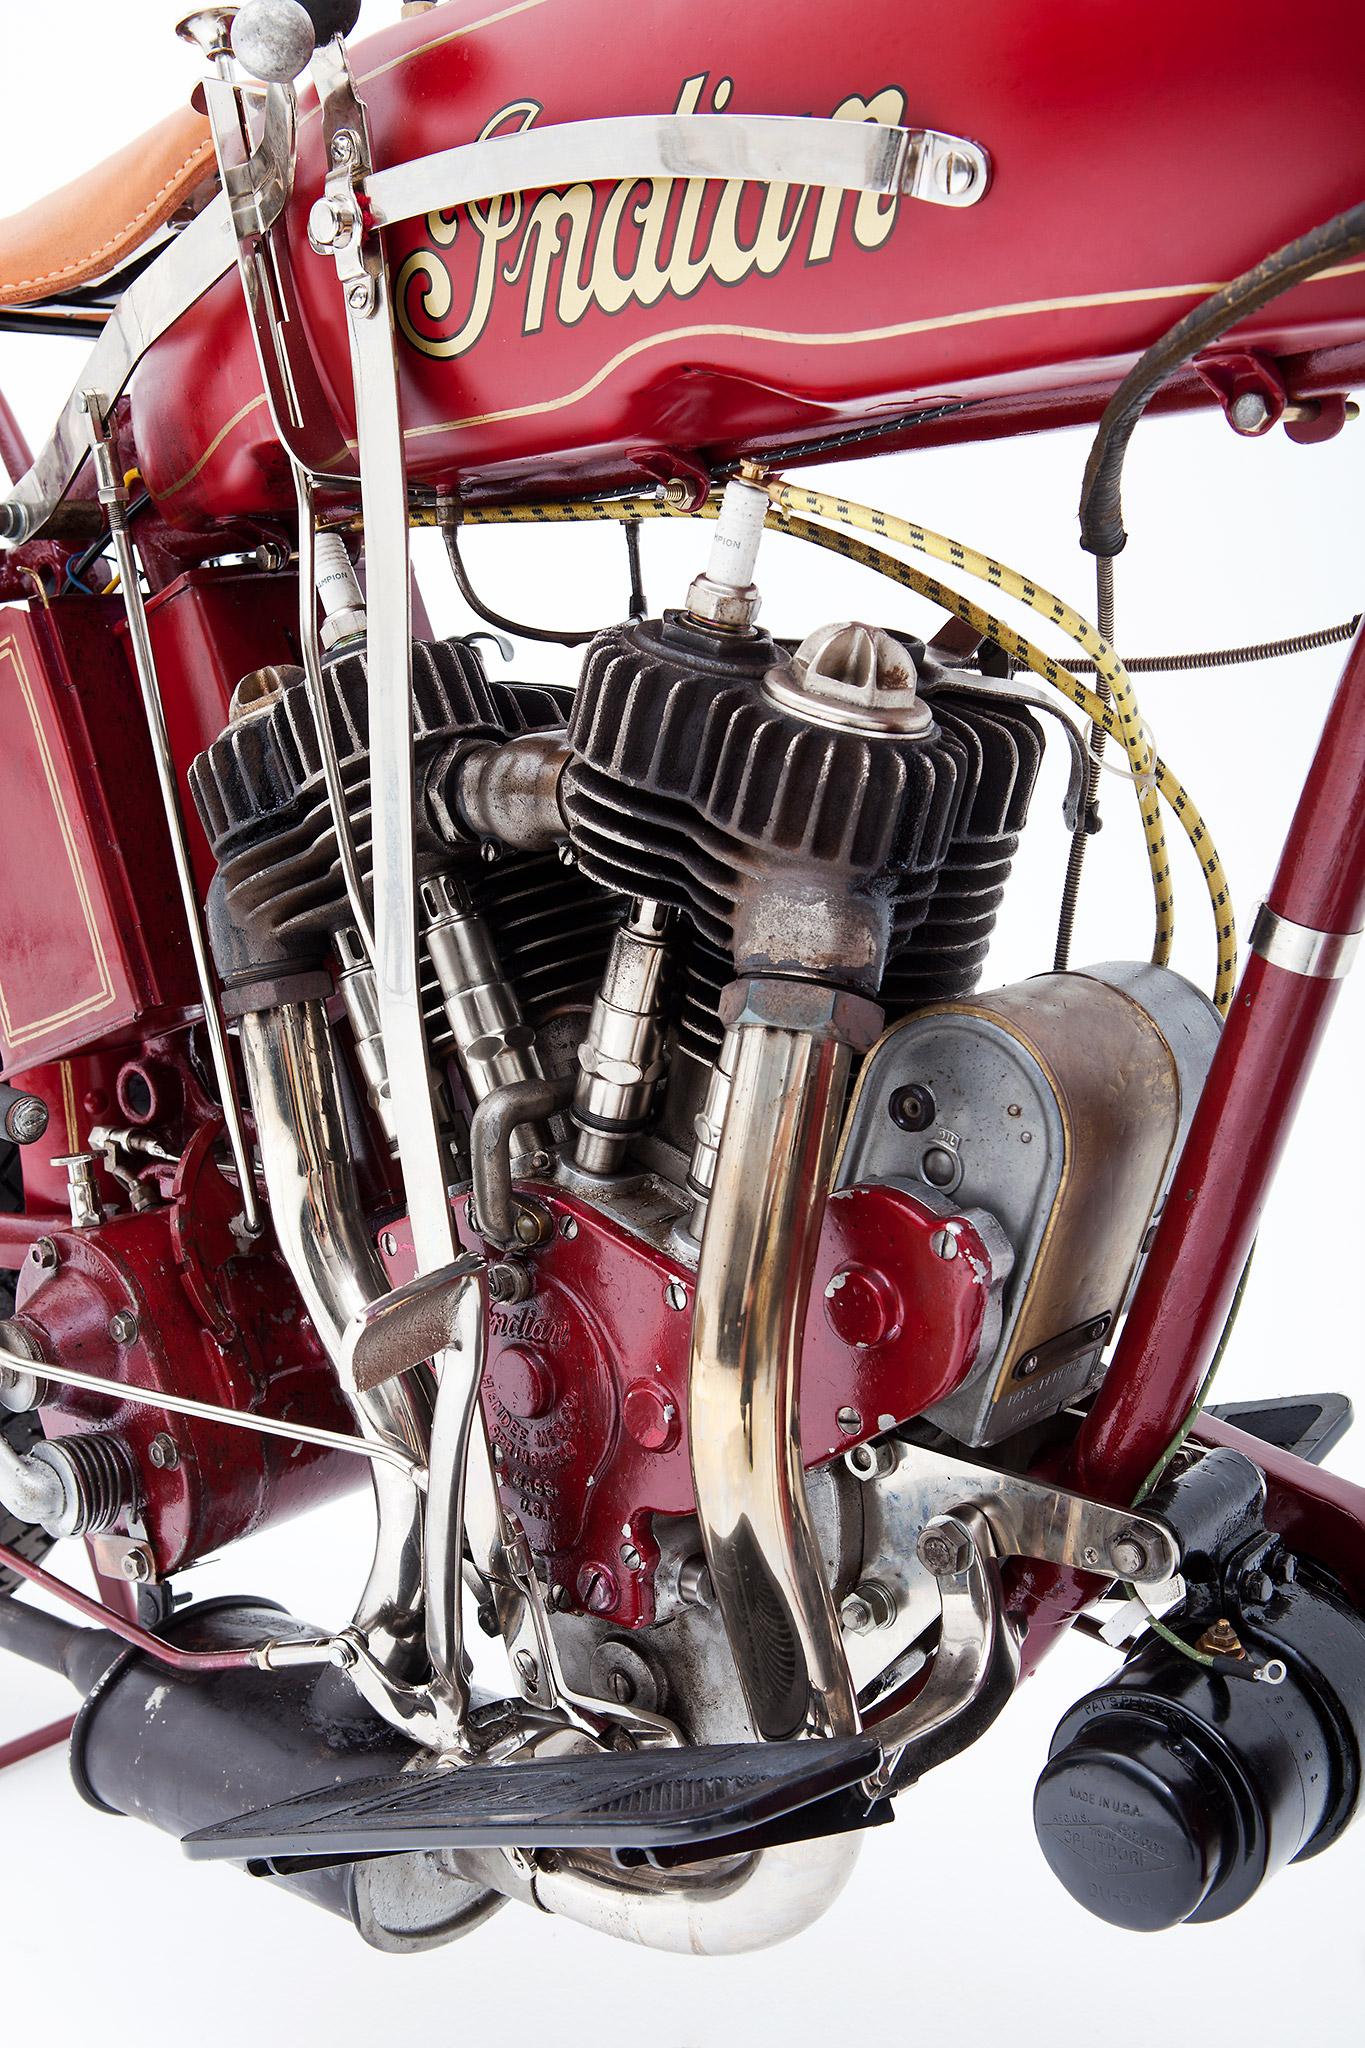 0102_Motorcycles_0070.jpg